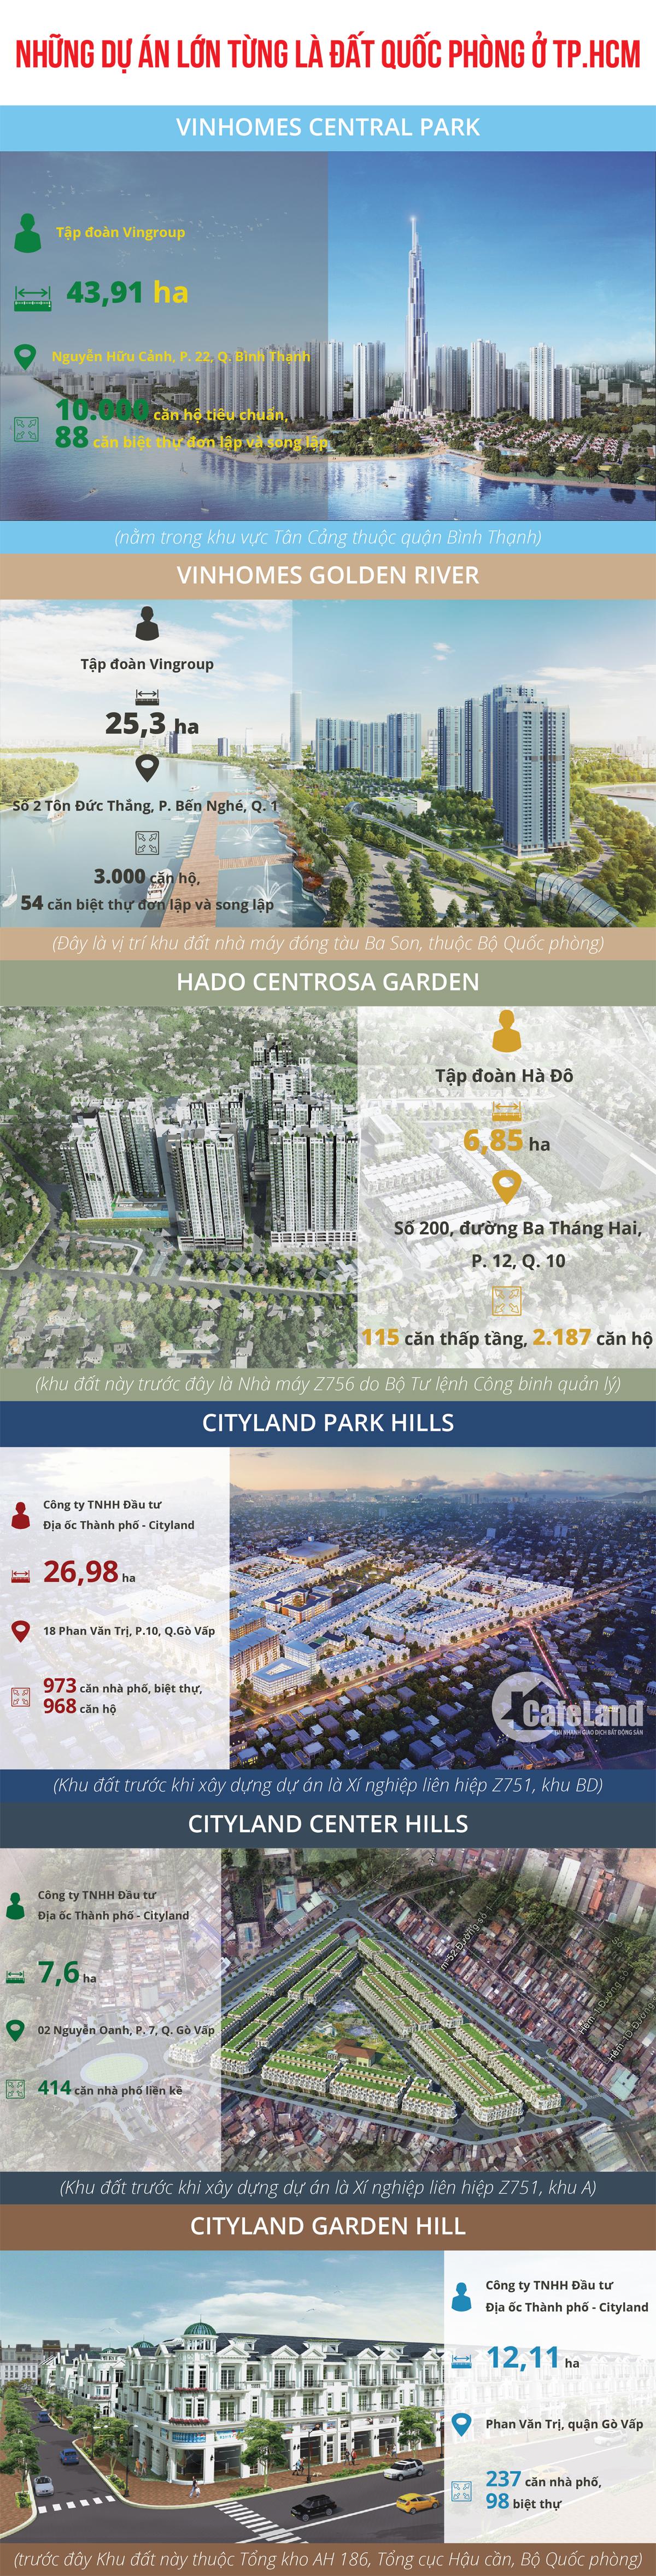 Infographic: Những dự án lớn từng là đất quốc phòng ở TP.HCM